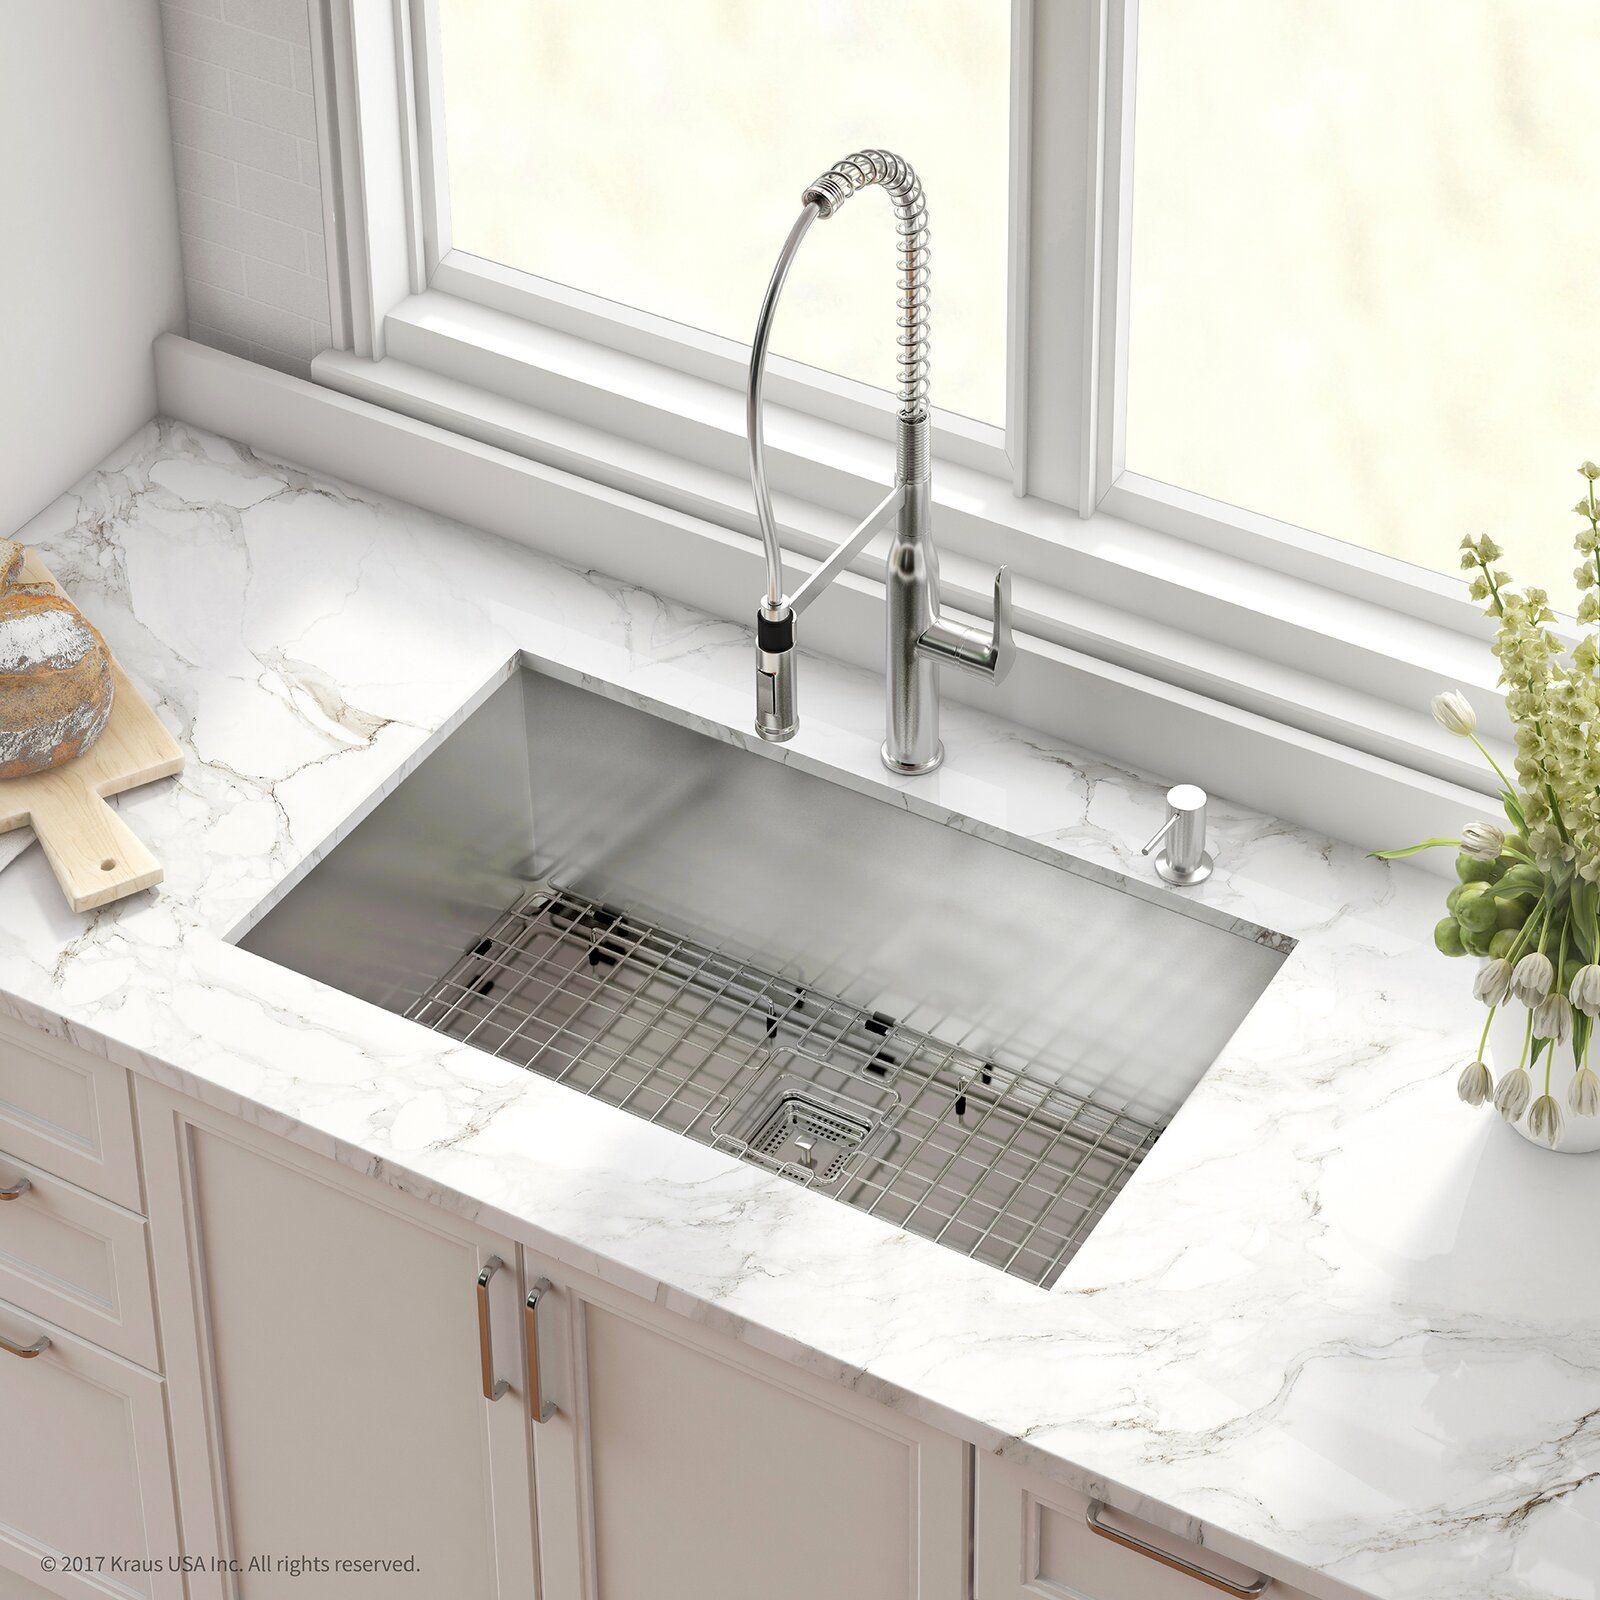 Kraus pax stainless steel 16 gauge 31 5 x 18 5 undermount kitchen sink with faucet wayfair